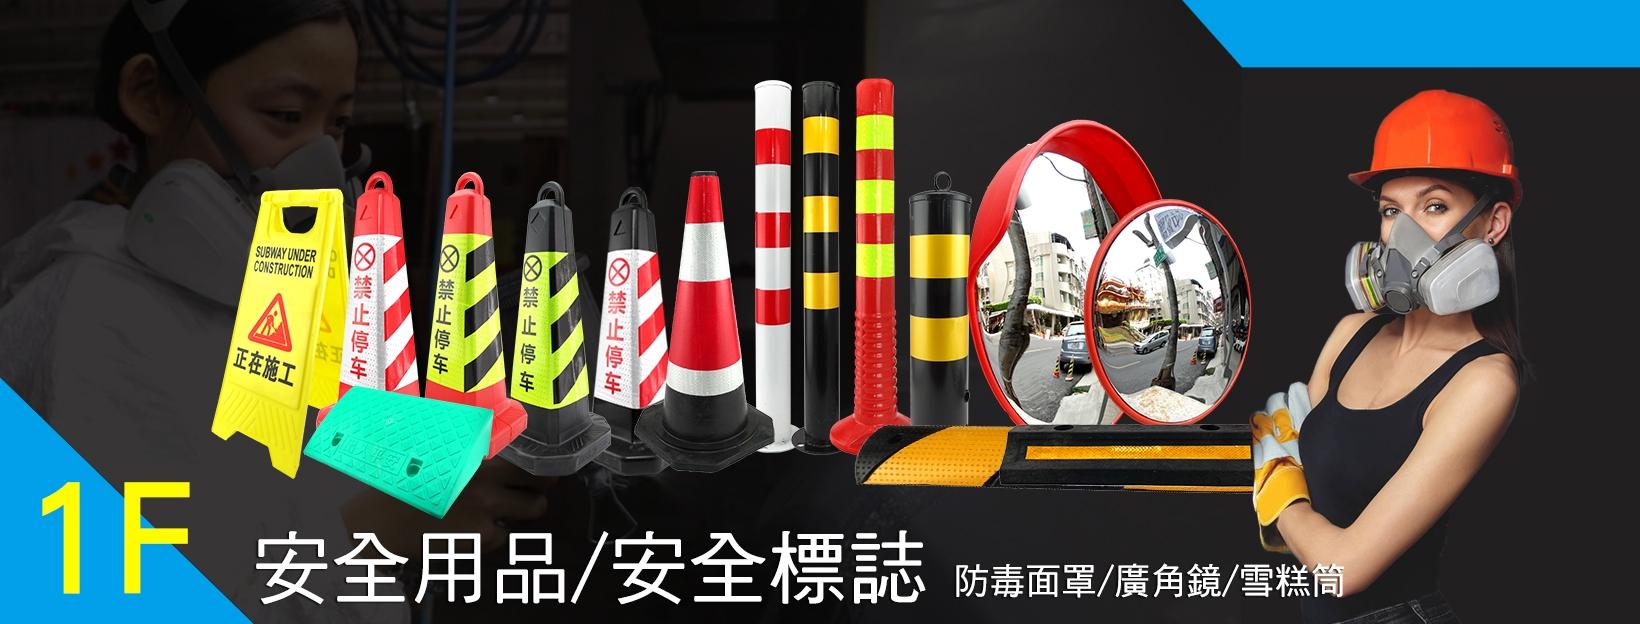 安全用品/安全標誌